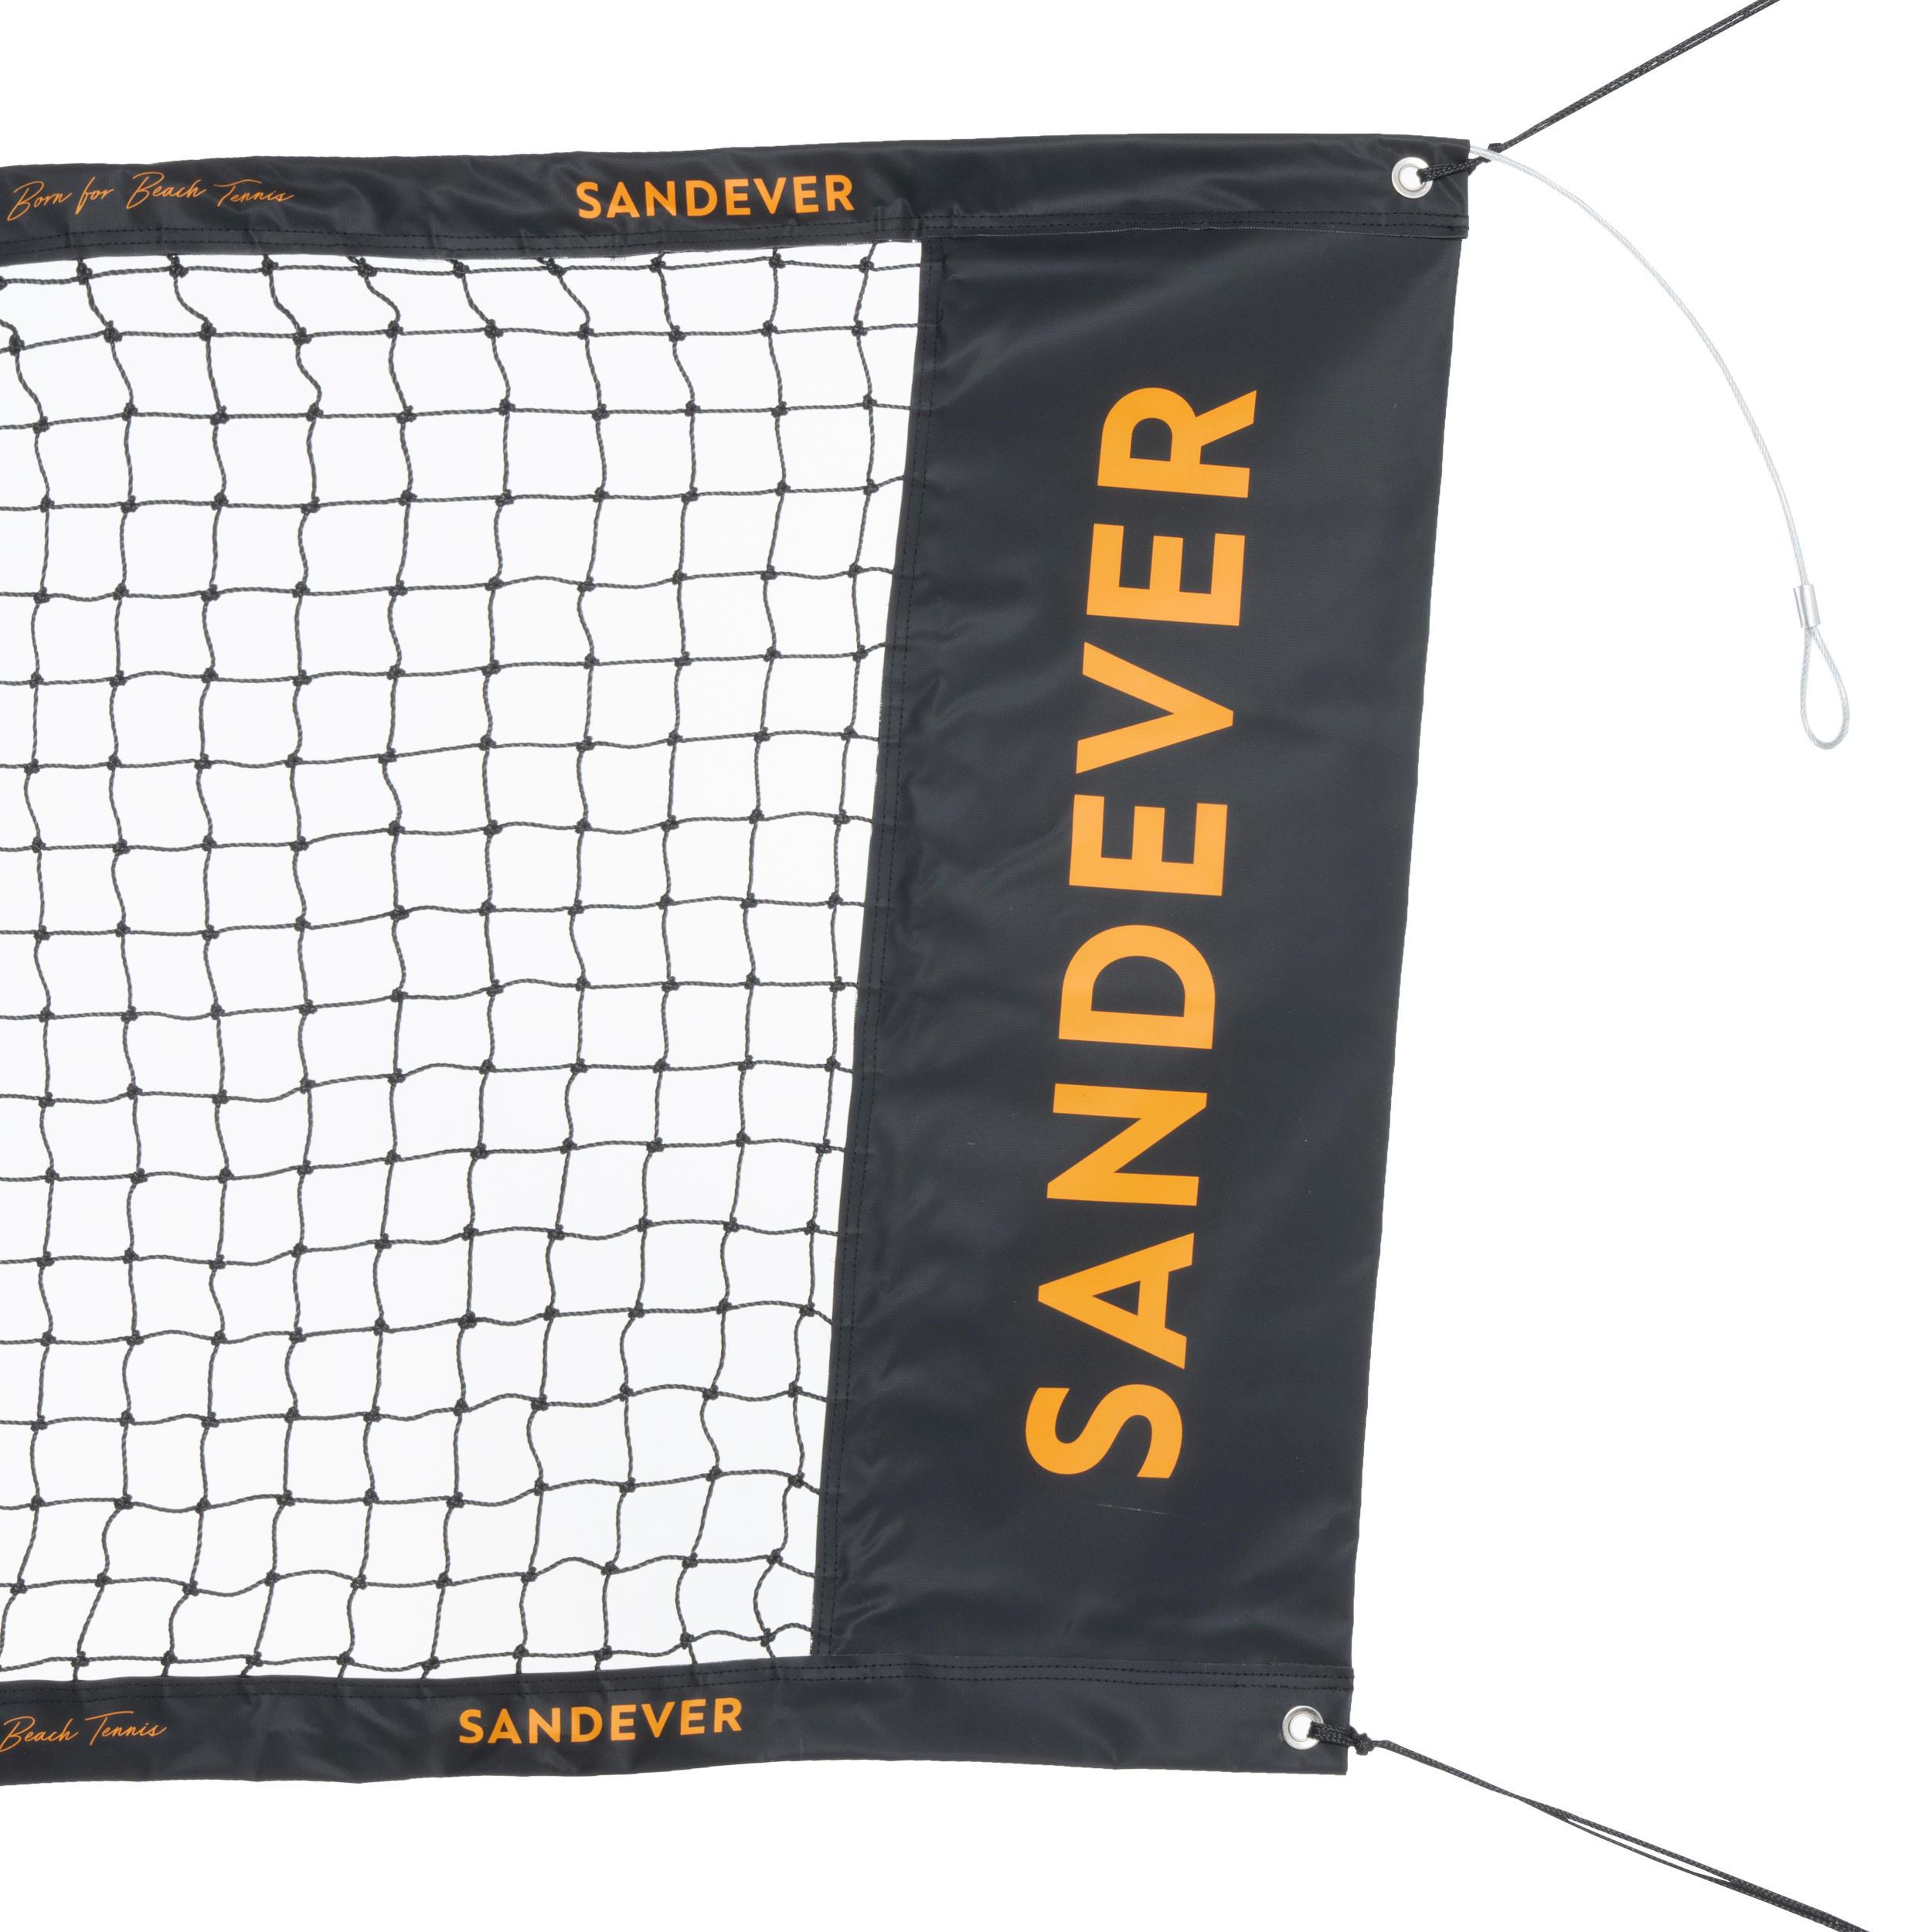 SANDEVER filet de Beach Tennis BTN 900 - SANDEVER - Taille unique